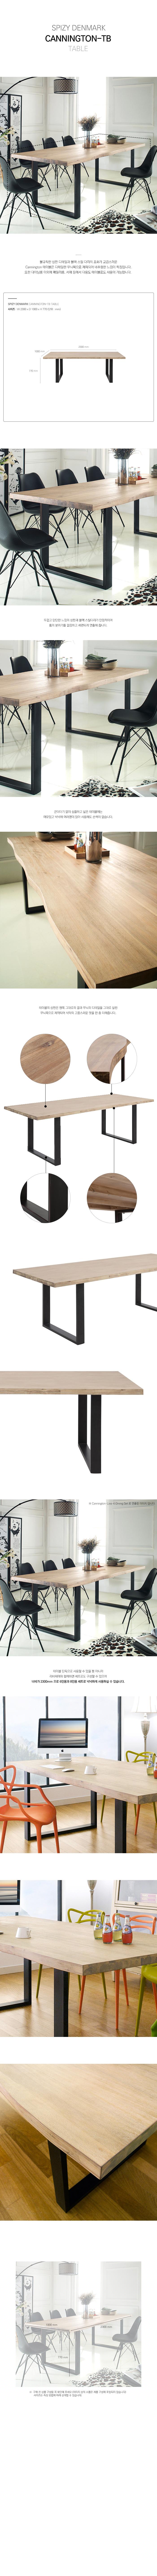 Cannington-TB-Table_180816.jpg